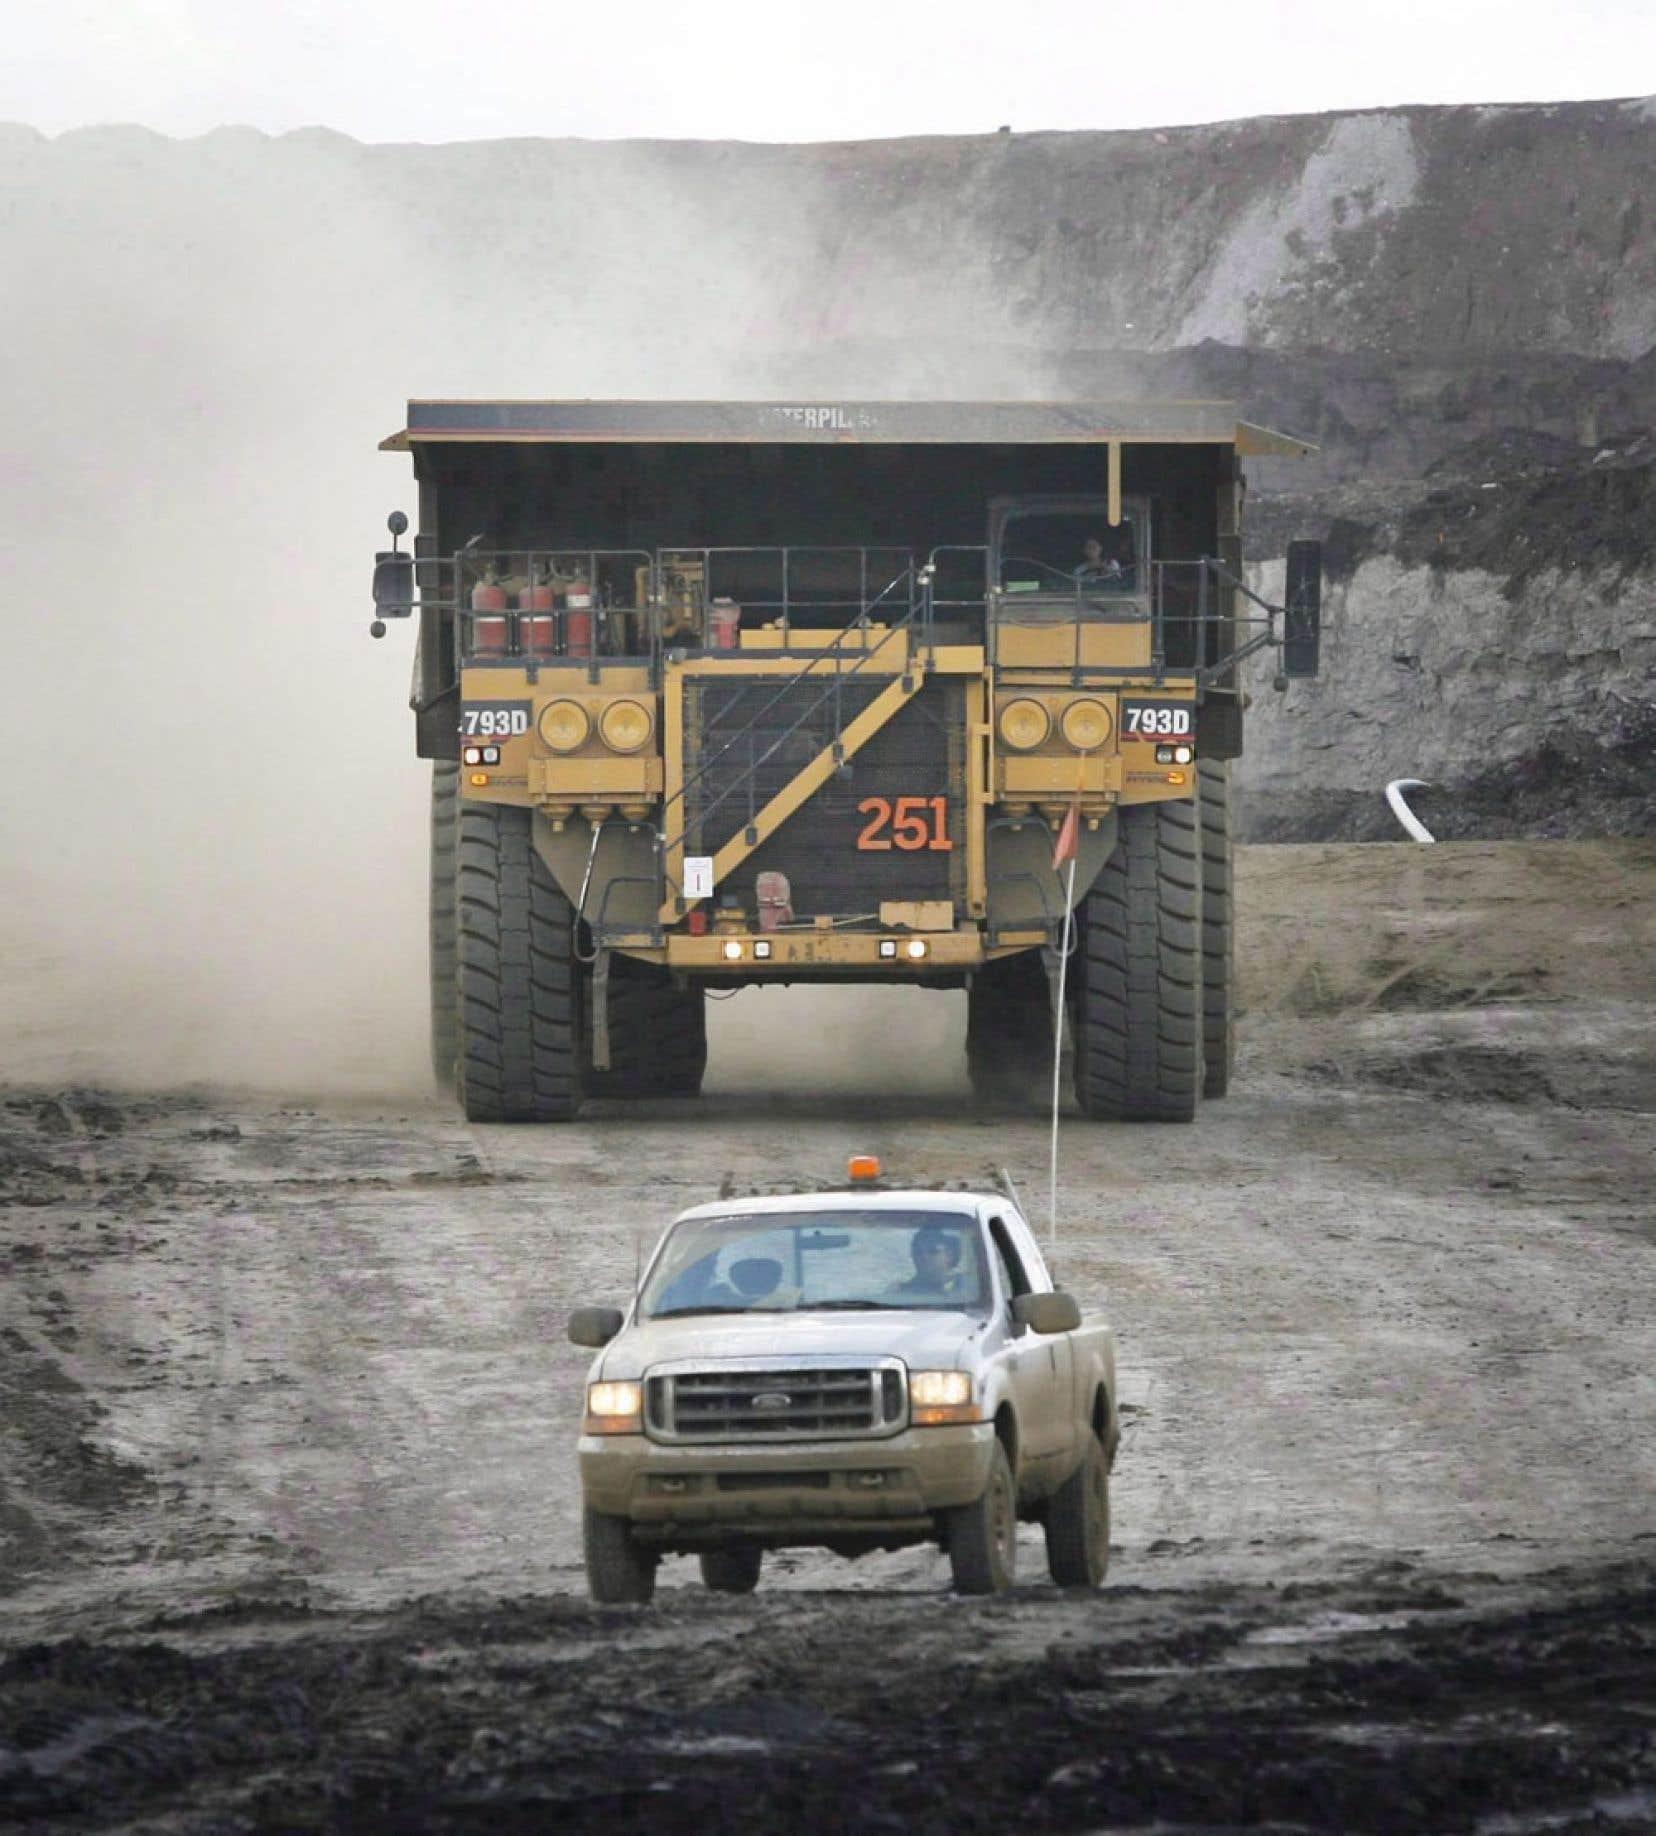 Selon le rapport soumis aux Nations unies, les sables bitumineux ont représenté 8 % de toutes les émissions canadiennes de GES en 2011. Cette industrie contribue donc plus à elle seule au dérèglement du climat que tout le parc automobile canadien.